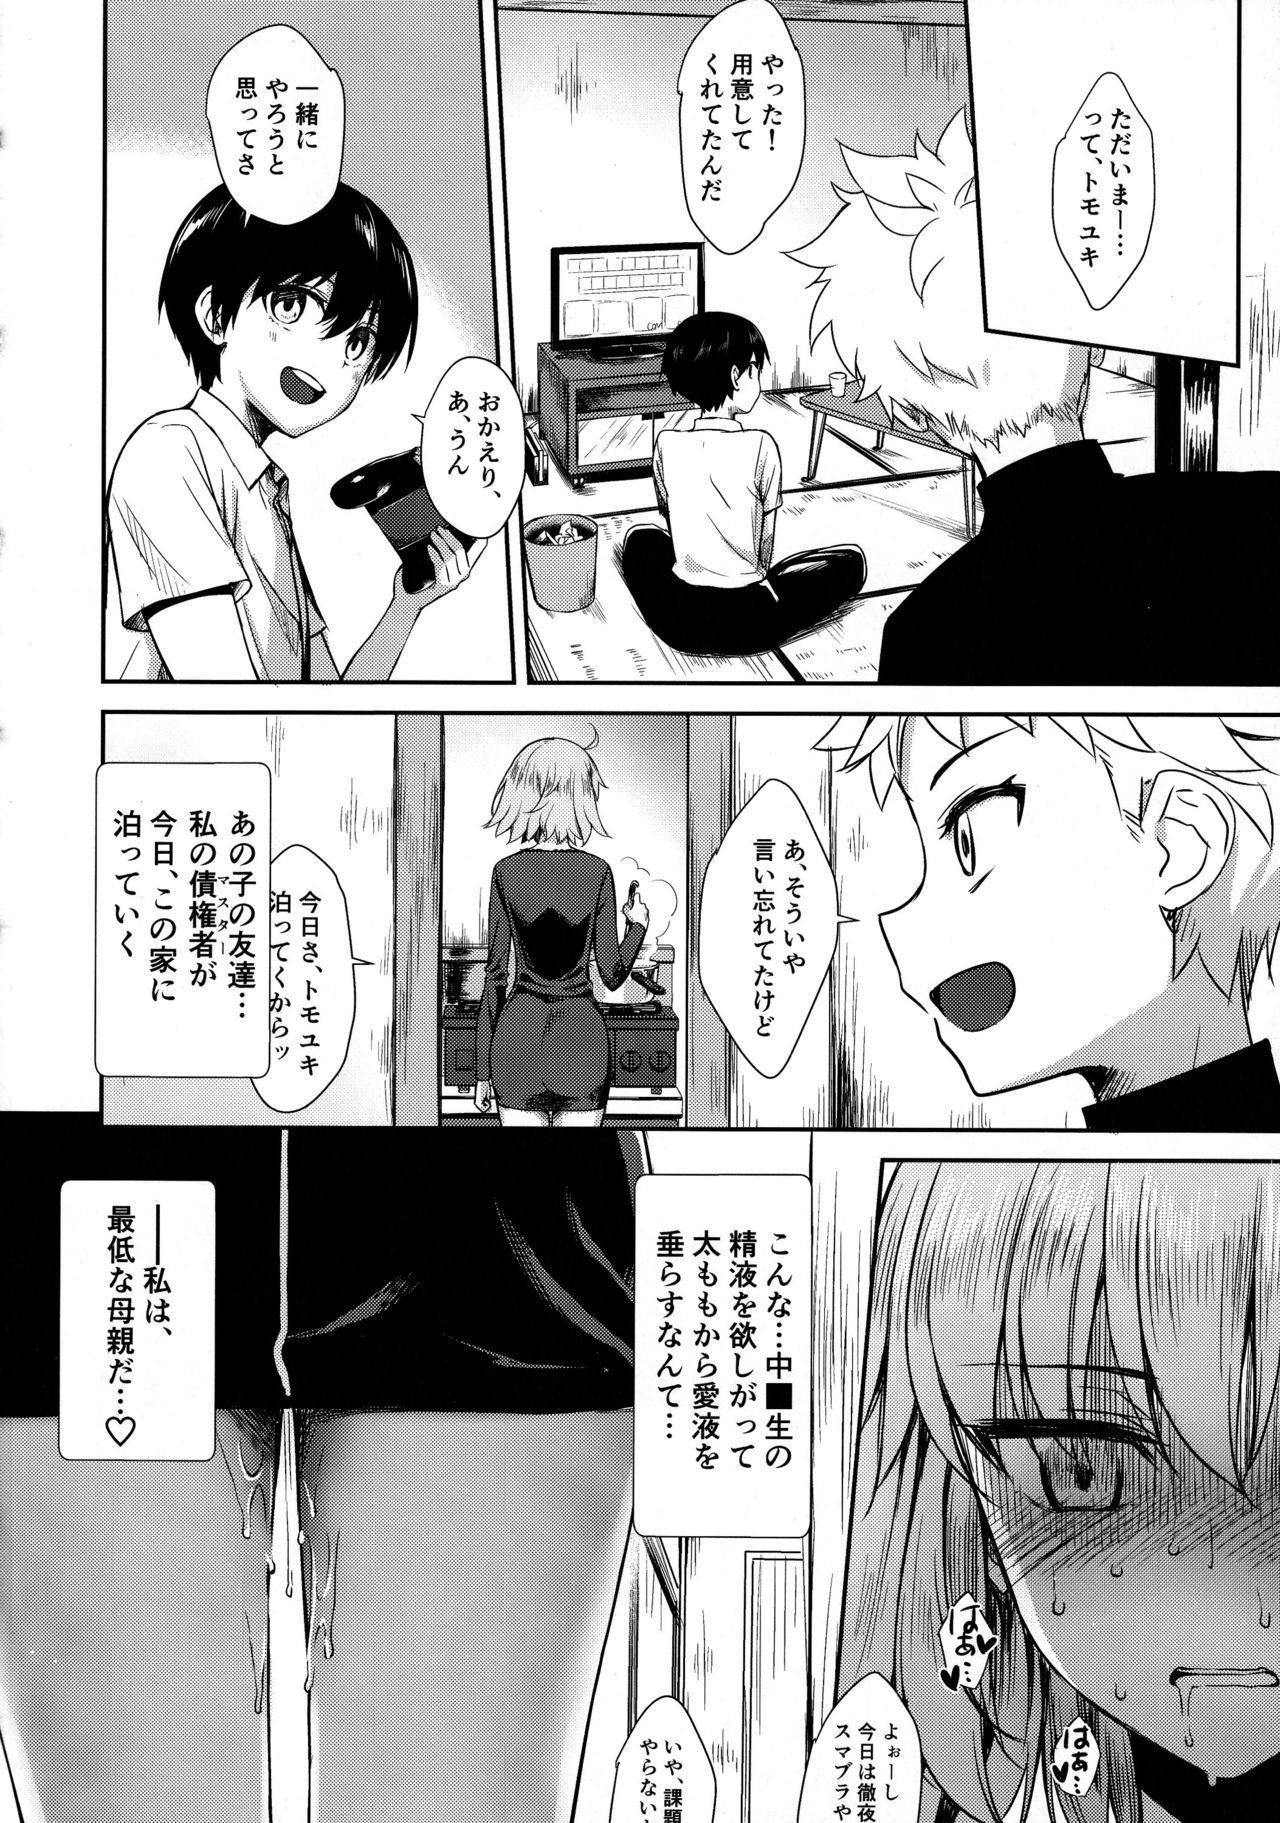 (C97) [Yakiniku Tabetai (Derauea)] Jeanne Alter (32) no Shikyuu Haiboku ~Musuko no Tomodachi ni Tanetsuke o Kongan suru Hitozuma Servant~ (Fate/Grand Order) 15